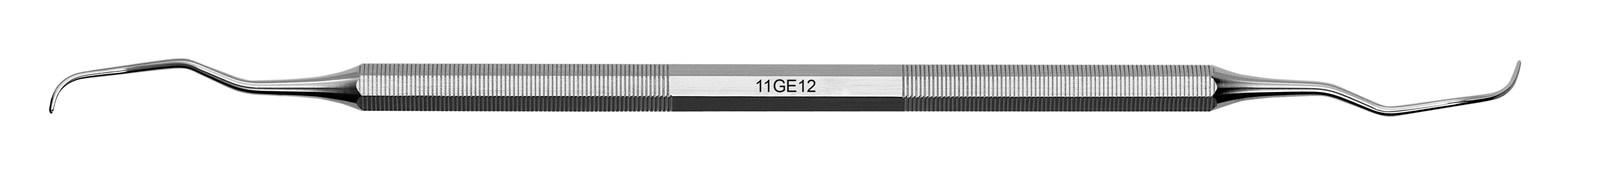 Kyreta Gracey Classic - 11GE12, ADEP silikonový návlek tmavě modrý